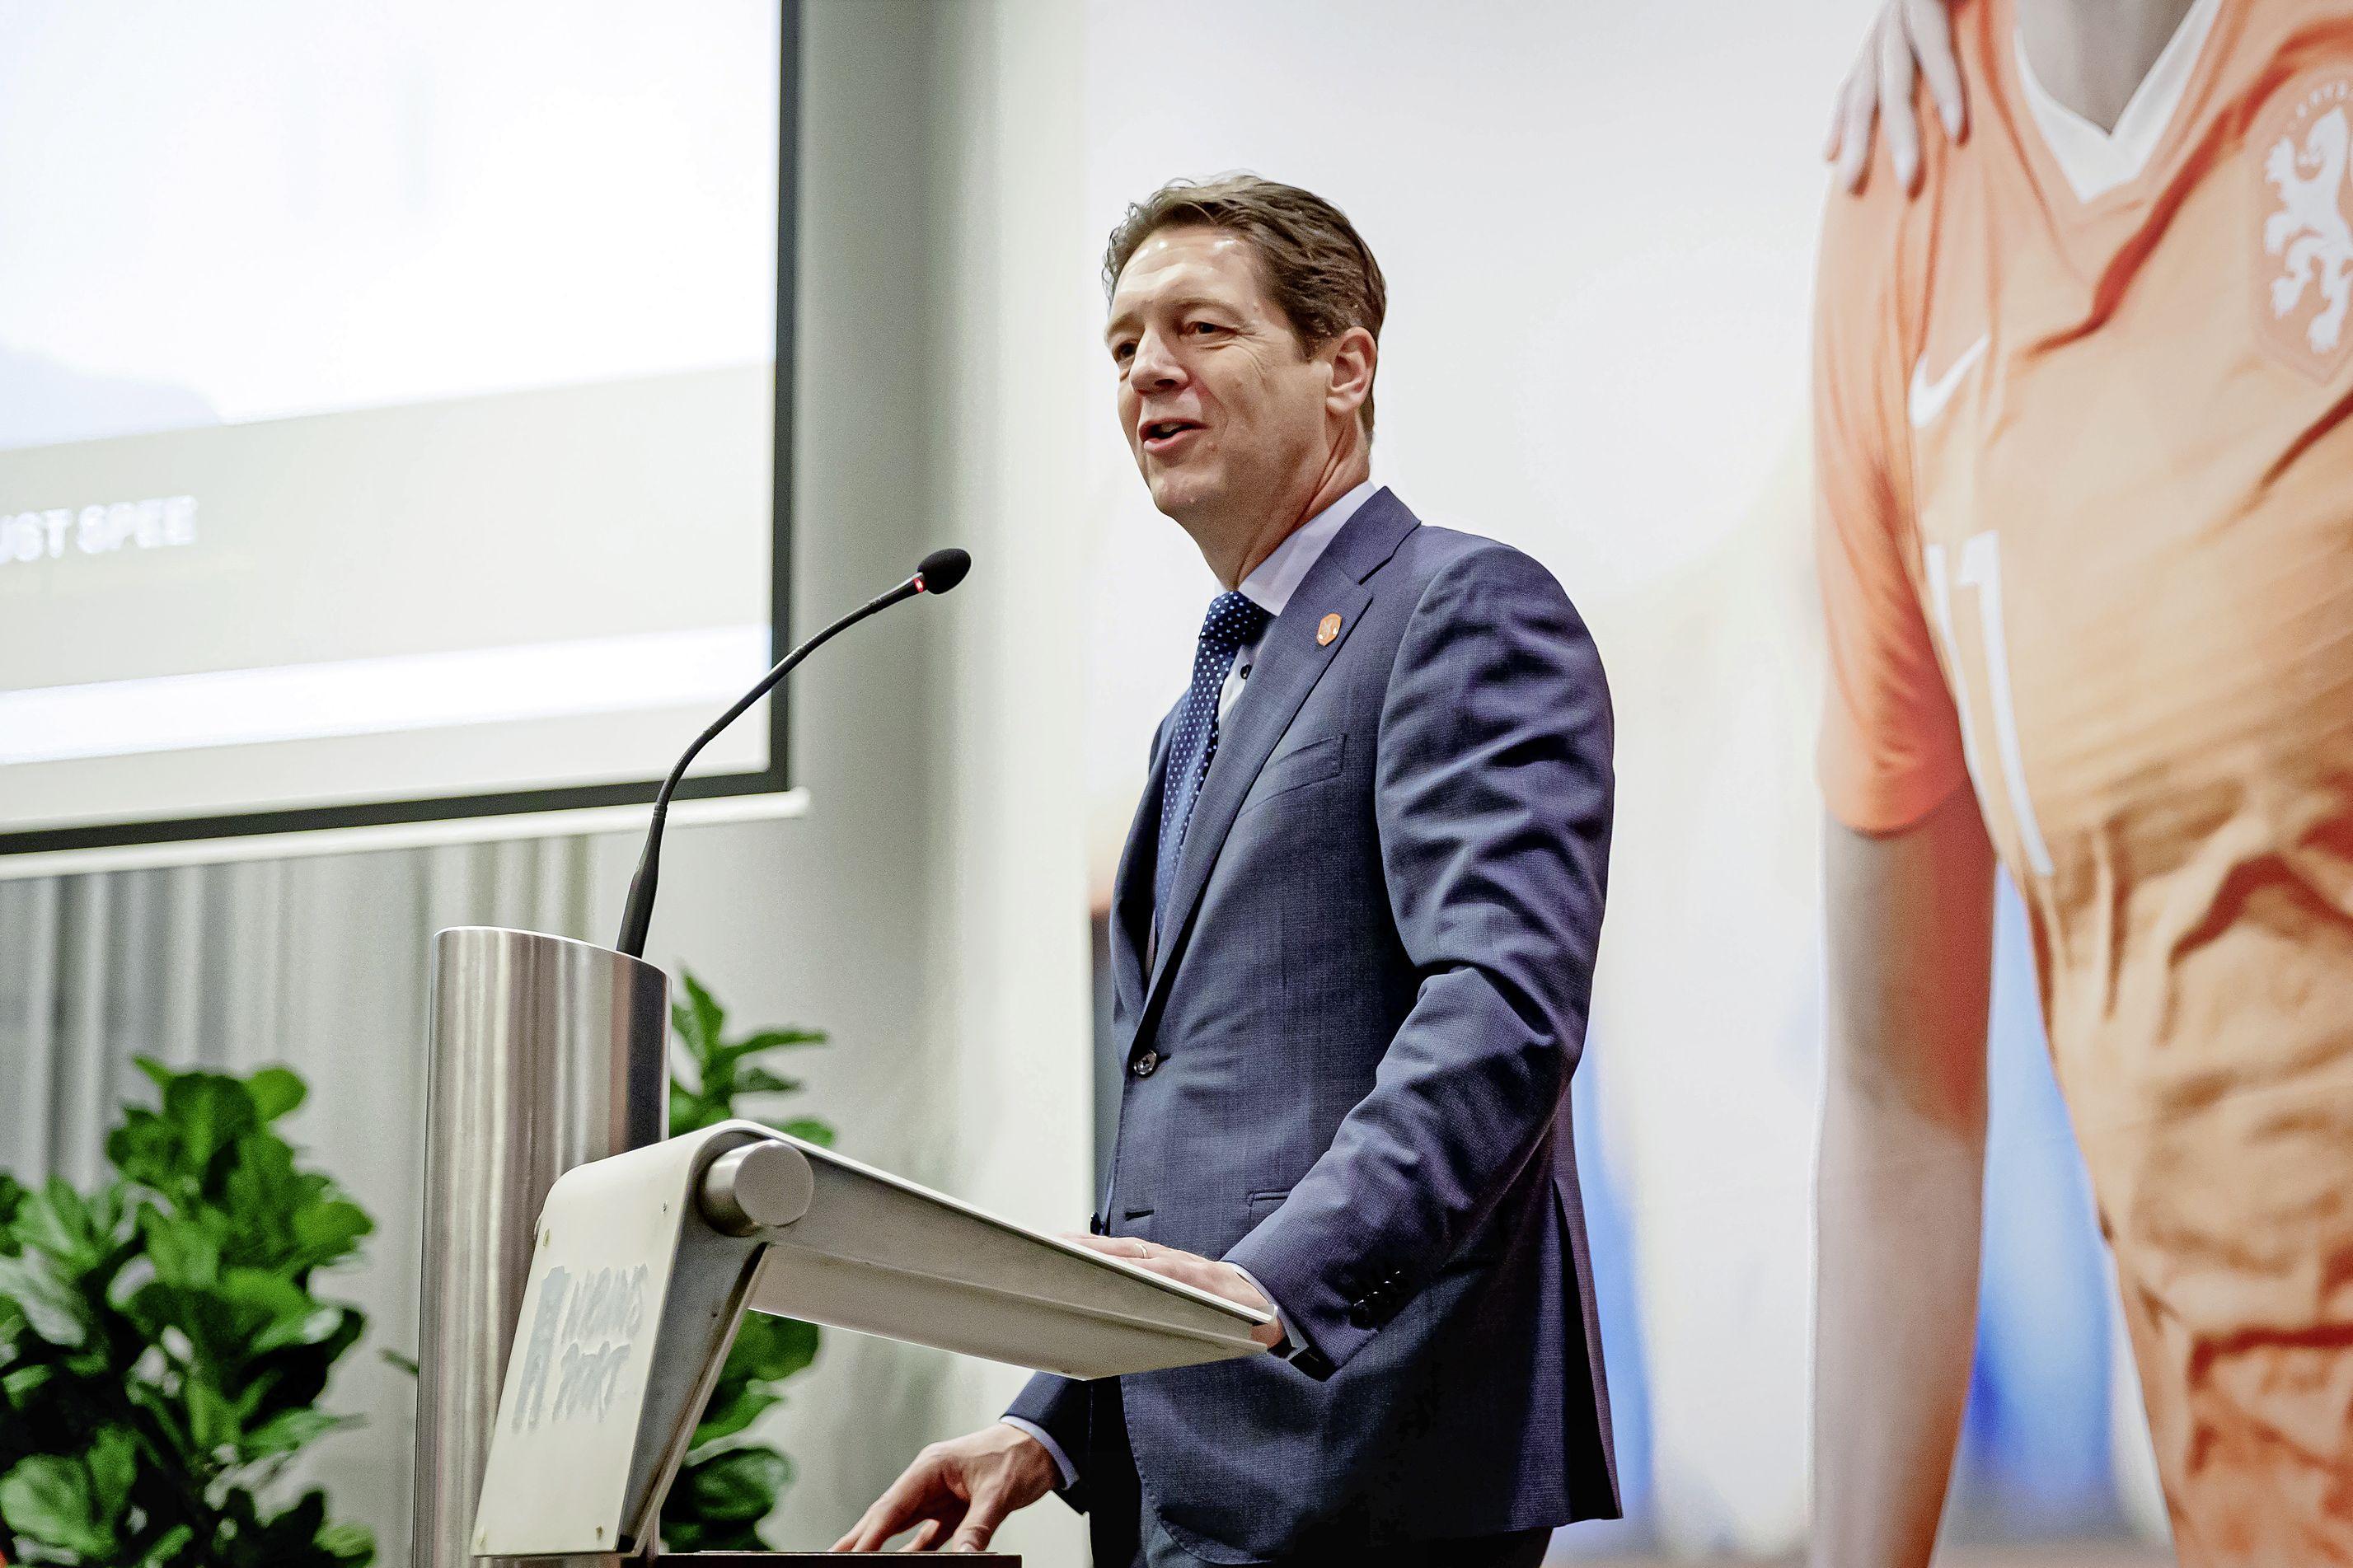 Haarlemse bondsvoorzitter Just Spee neemt plek van Michael van Praag over bij UEFA en wil discussie over toekomst voetbal: 'We moeten dingen toevoegen'